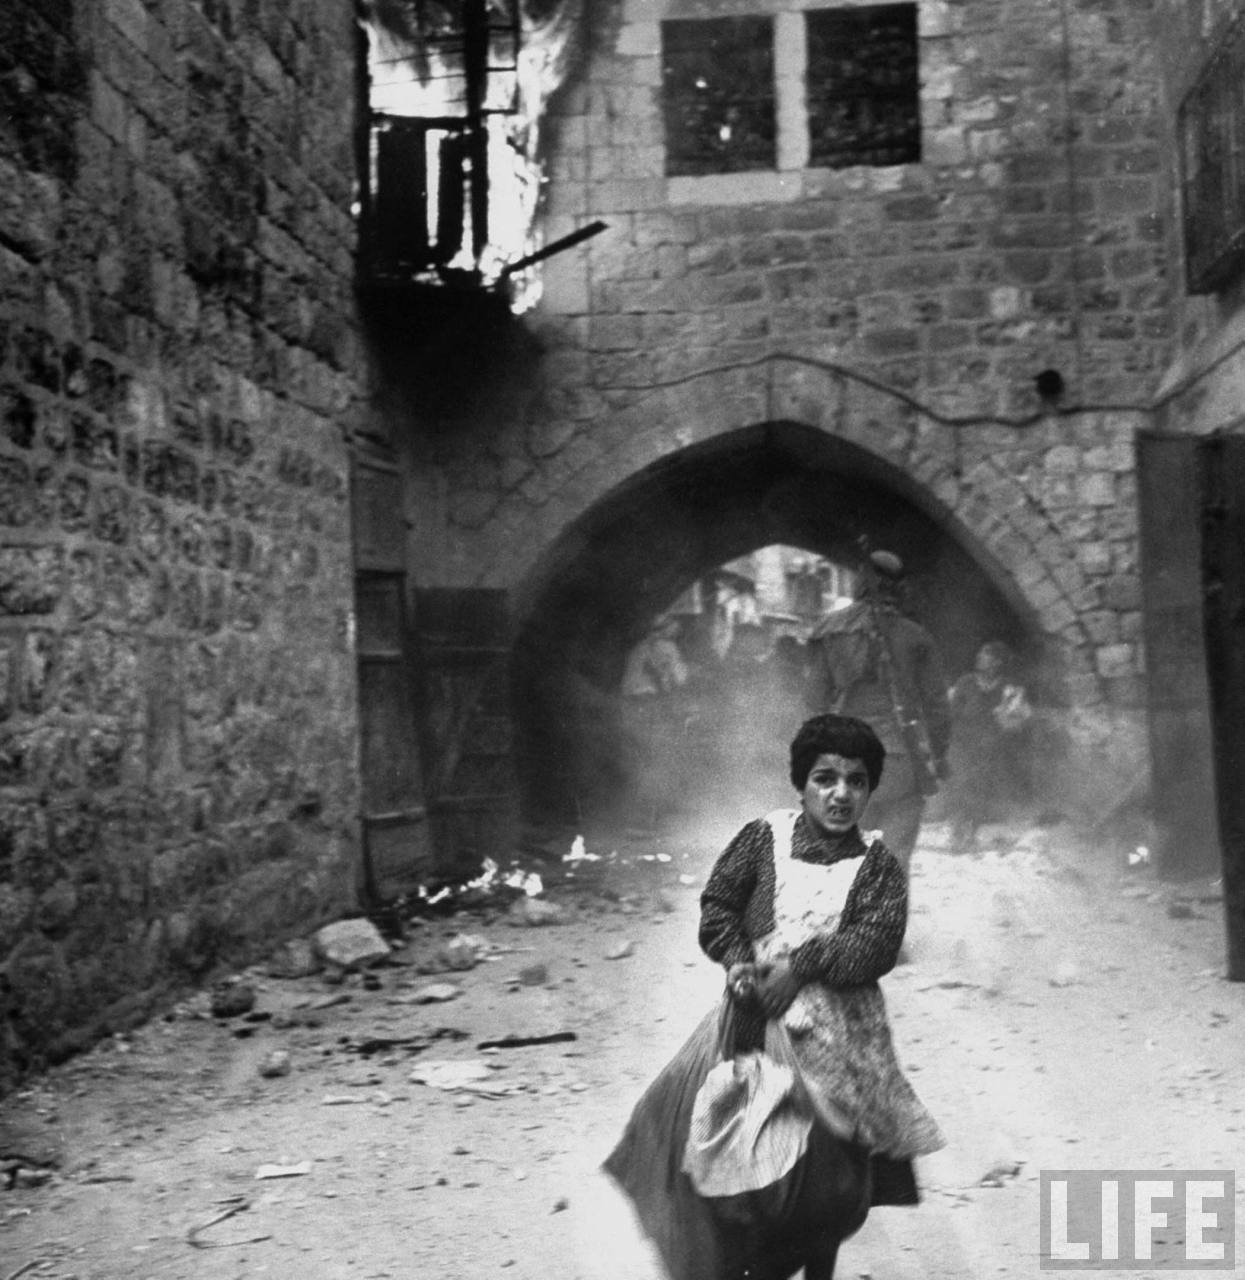 Еврейская девочка Рахиль Леви, 7 лет, бежит по улице от арабов после капитуляции еврейских сил в Иерусалиме.  28 мая